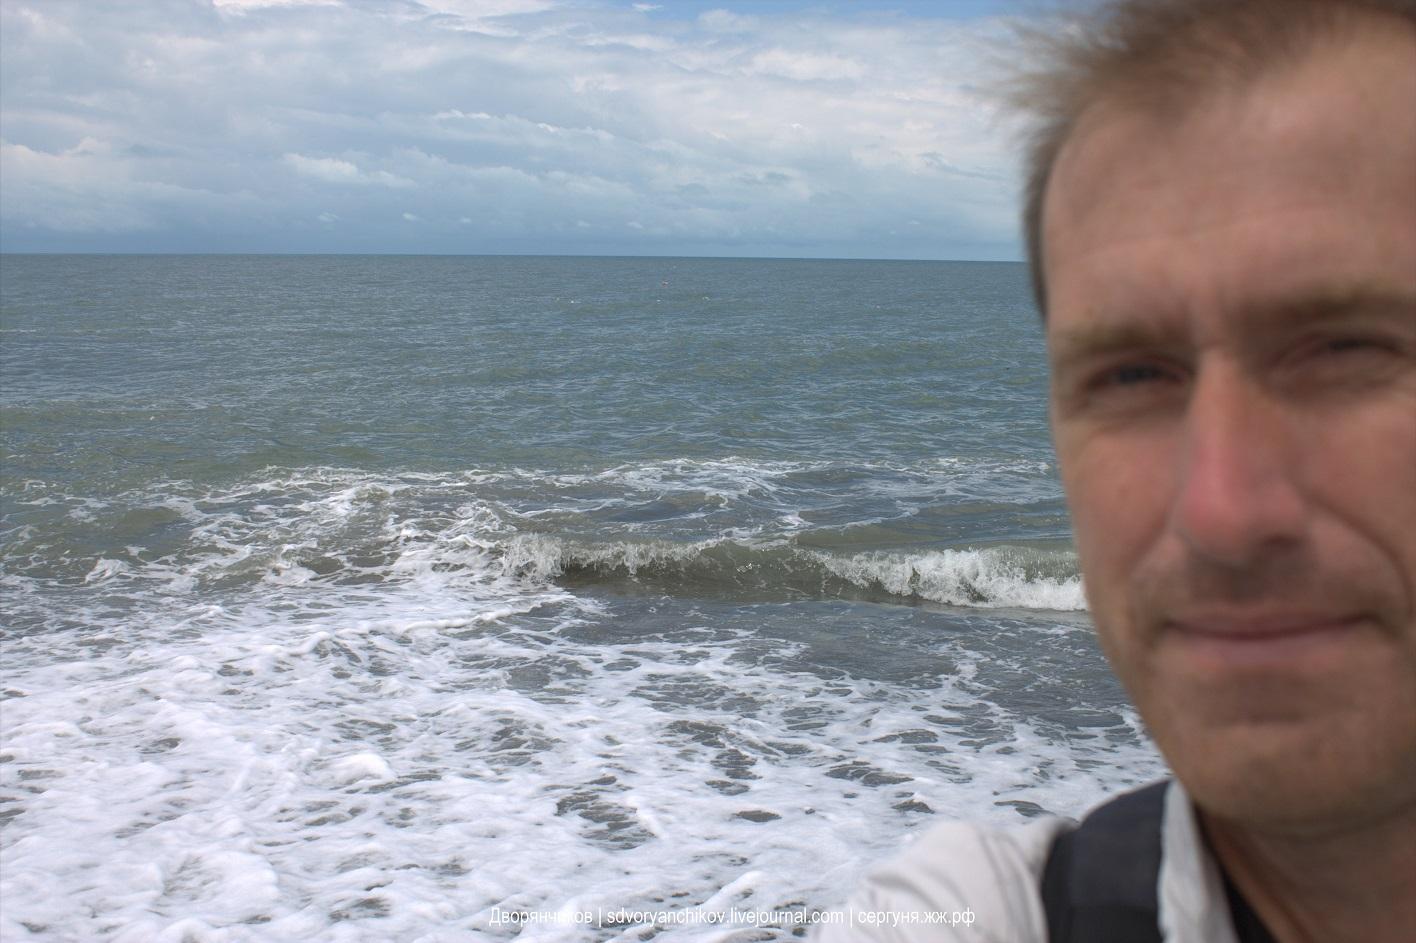 Море волнуется два! - Адлер - Сочи - море - НеФорум2017